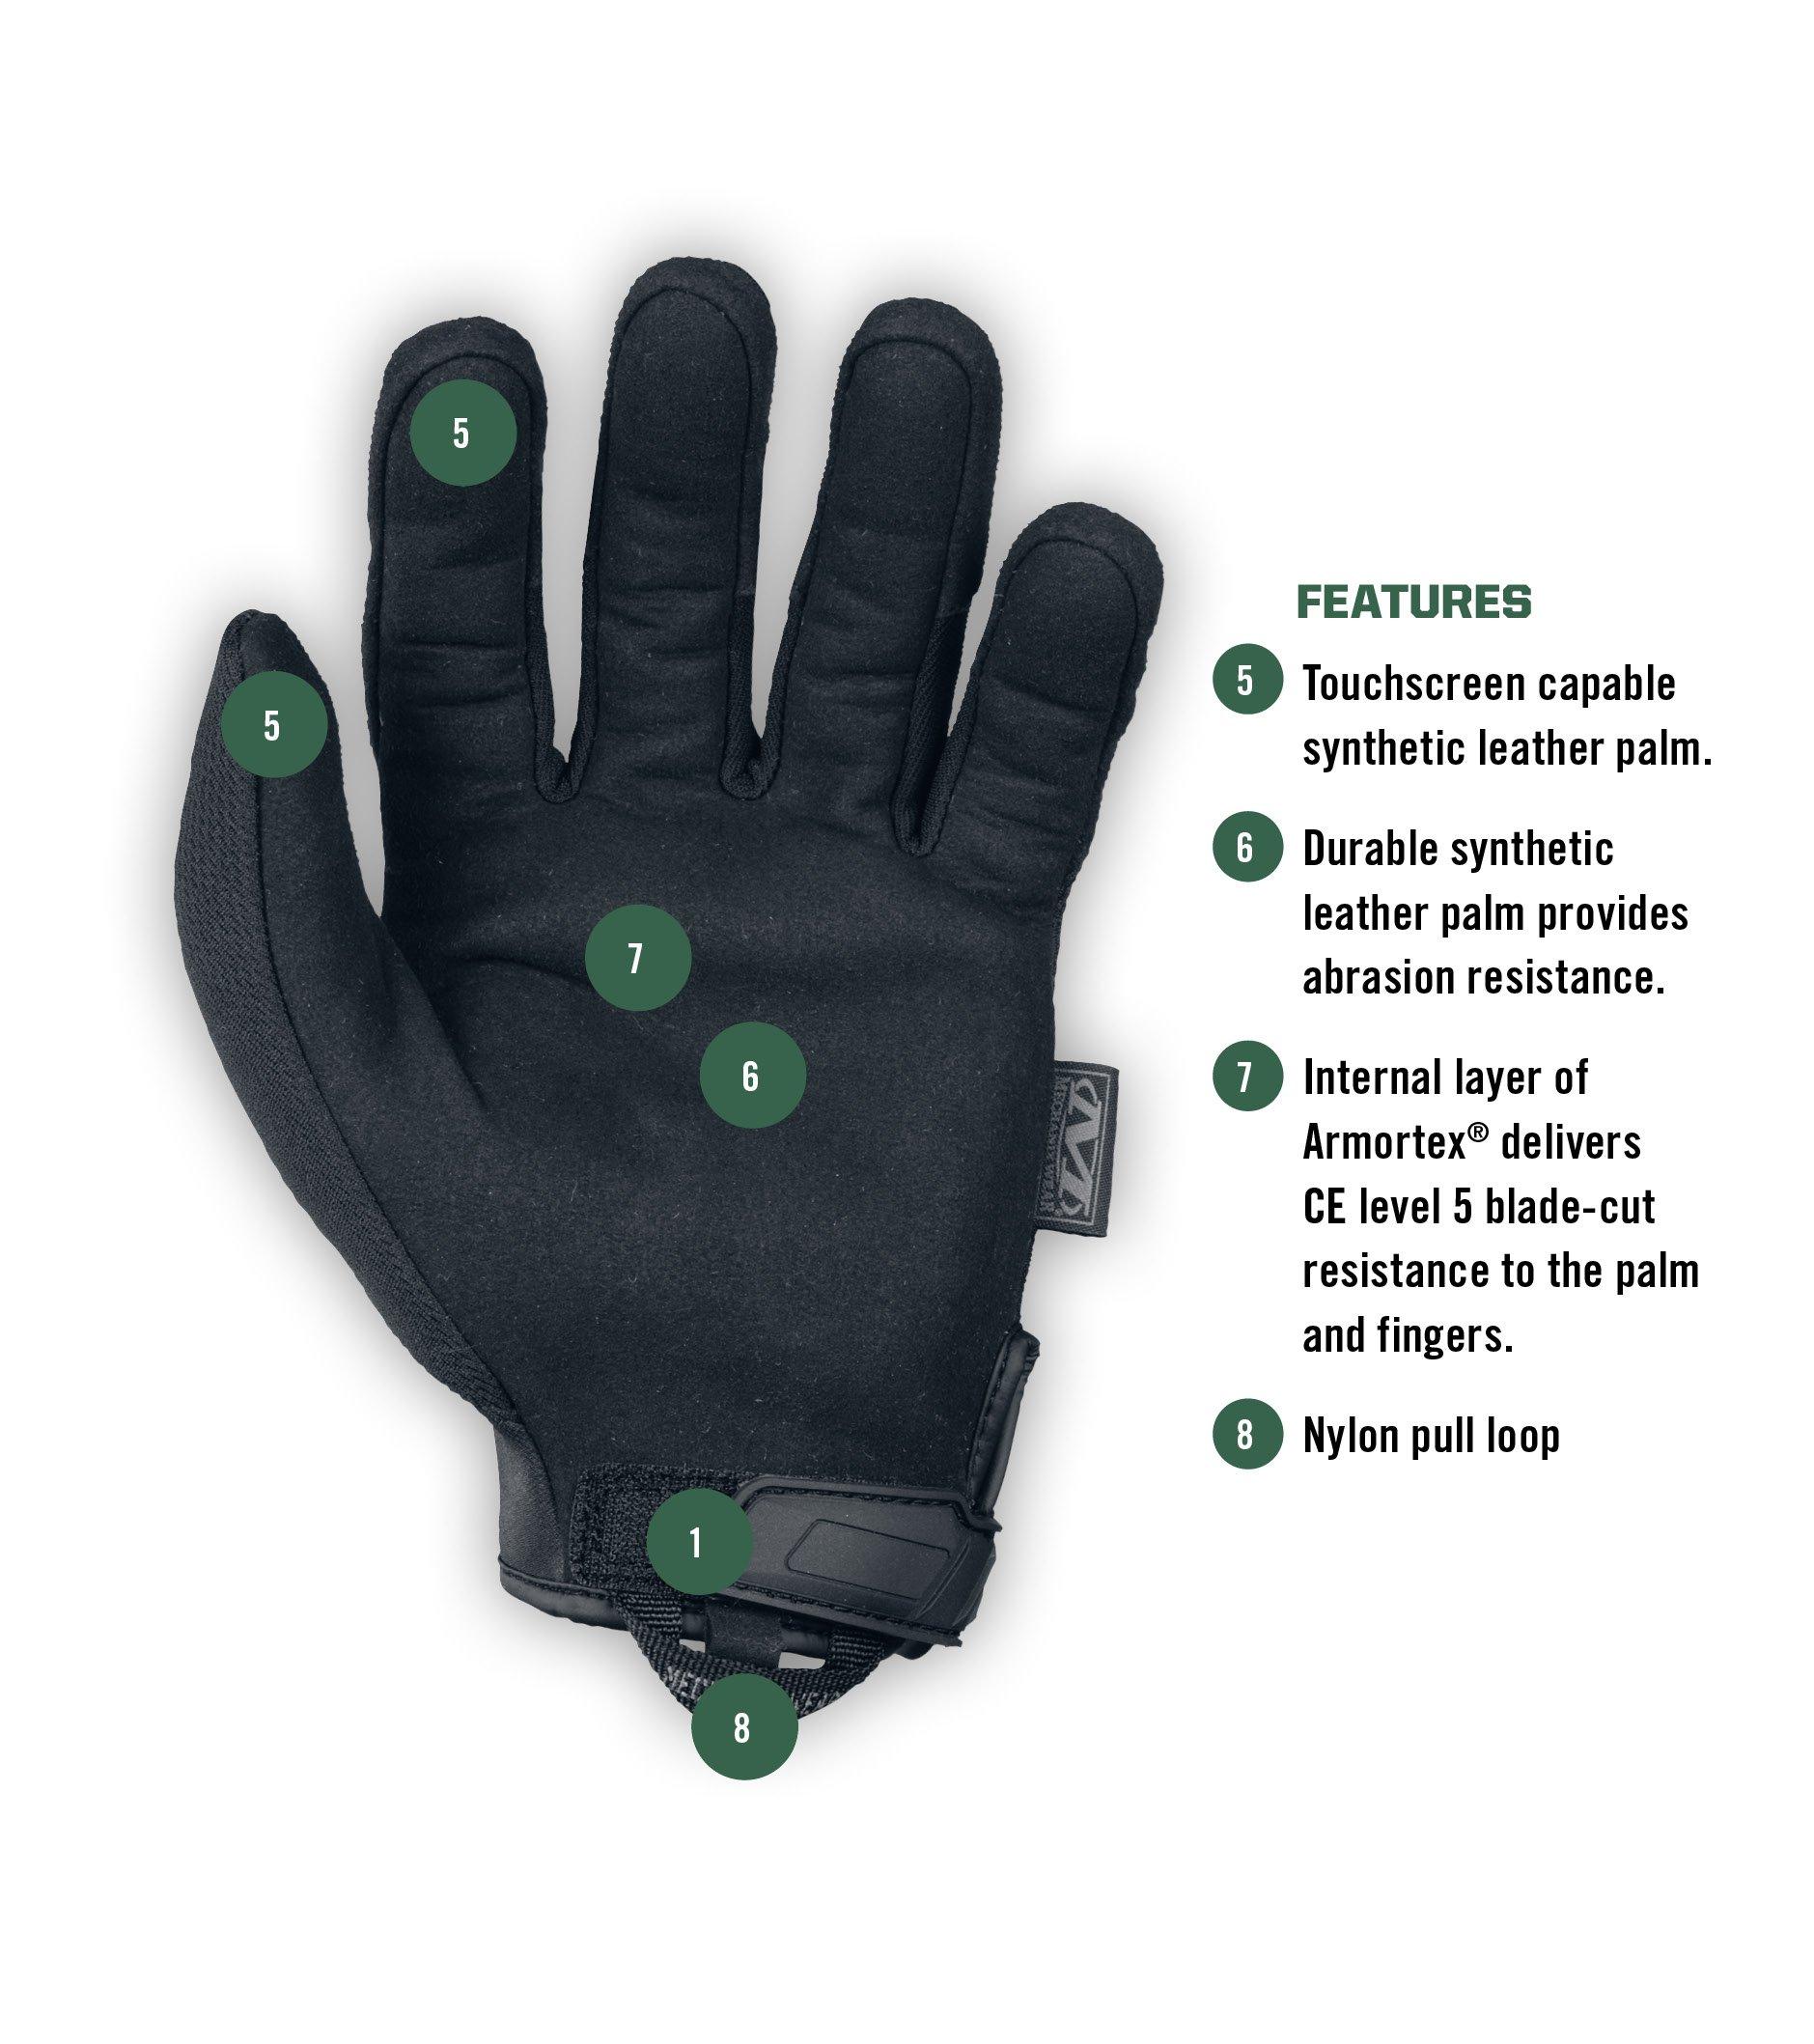 Mechanix Wear - Tactical Specialty Pursuit CR5 Cut Resistant Gloves (Large, Black) by Mechanix Wear (Image #3)